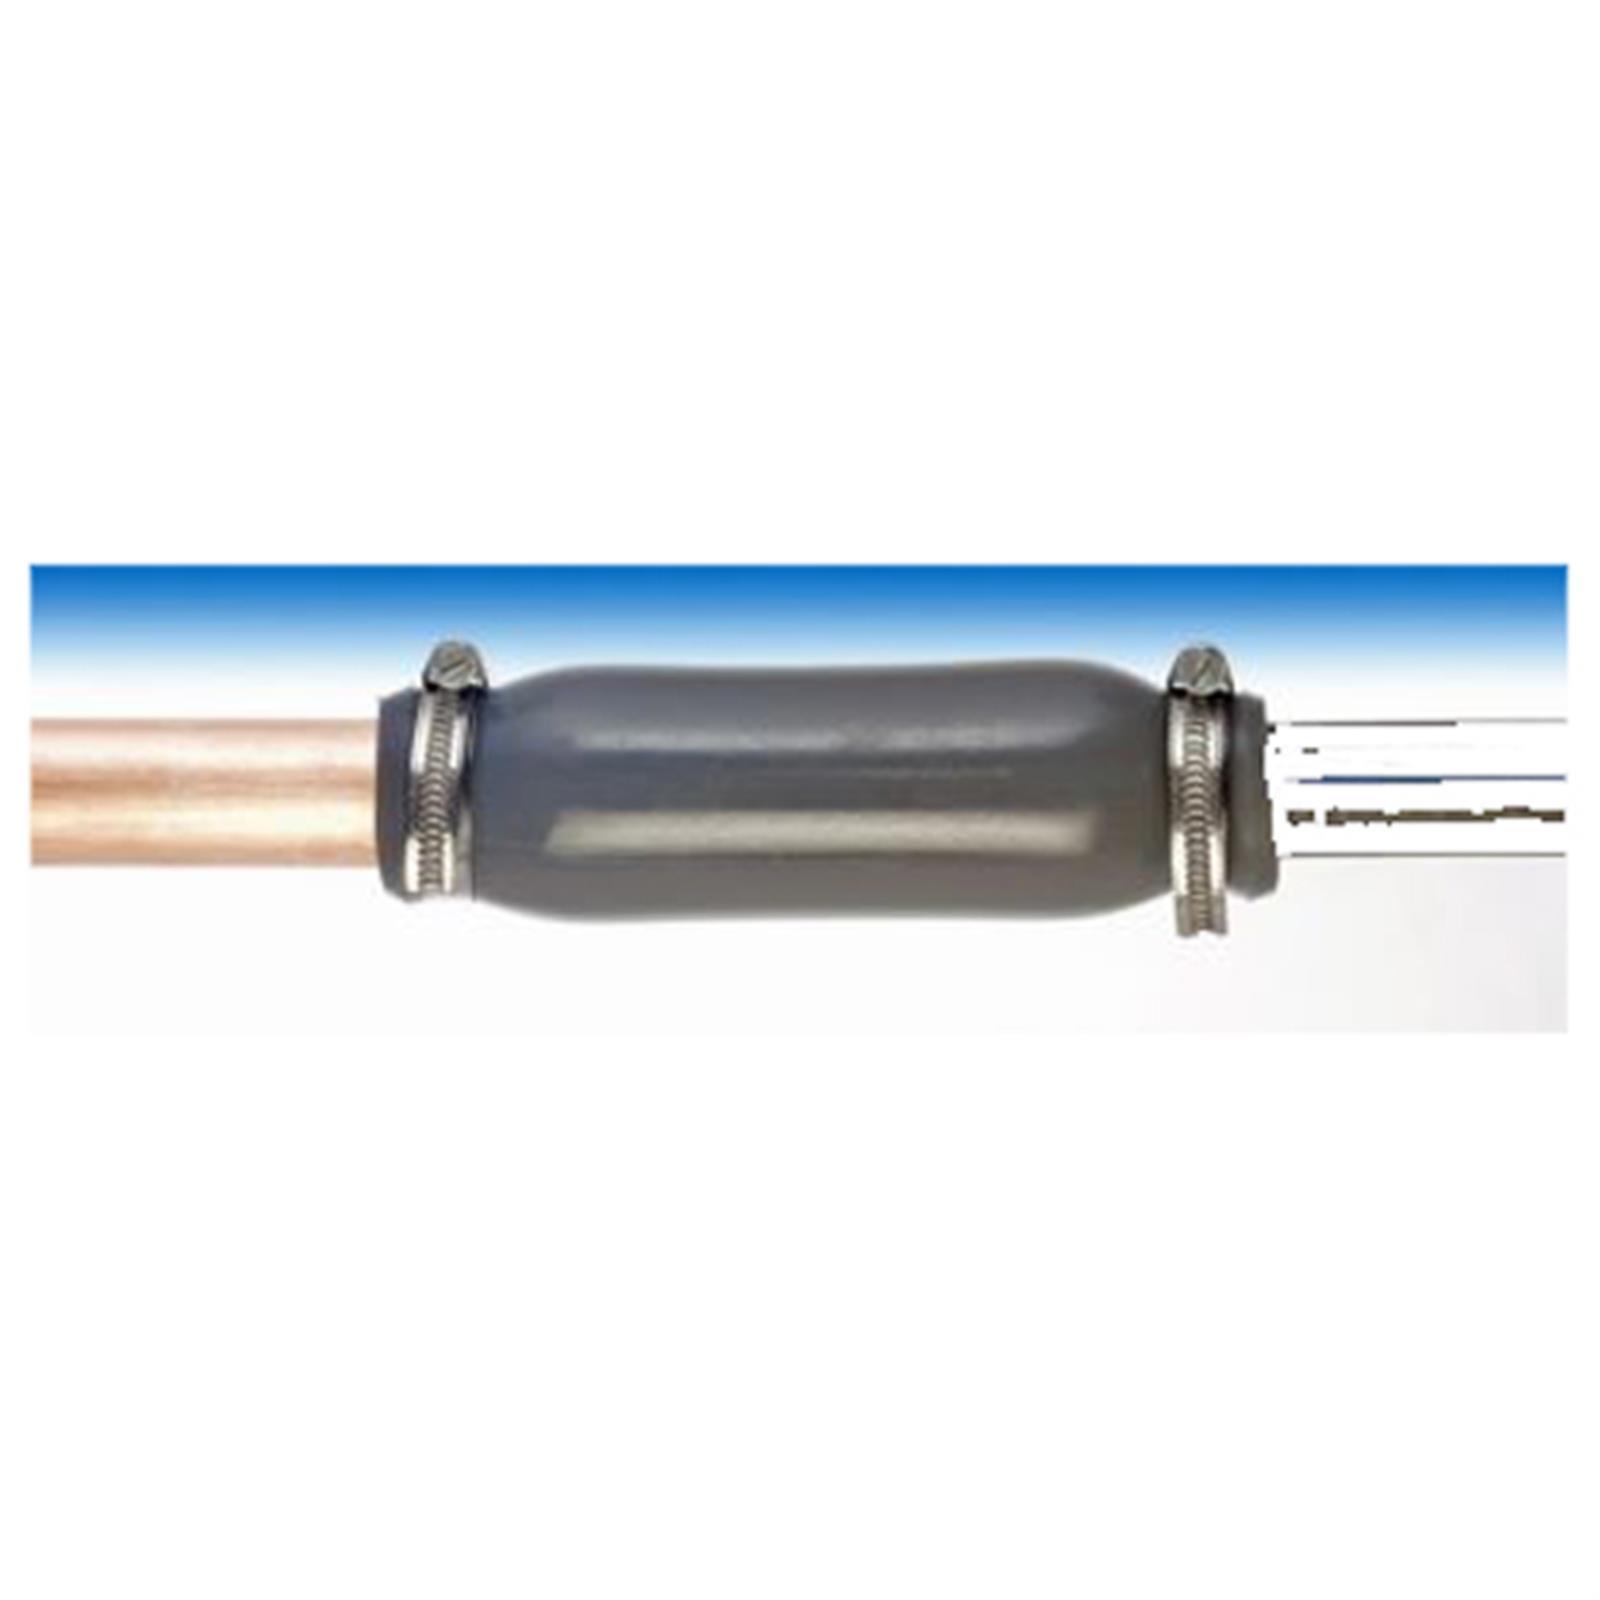 Manchon d'adaptation toutes matières SERTUBE - Diamètre 22 au 40 mm - Longueur 150 mm